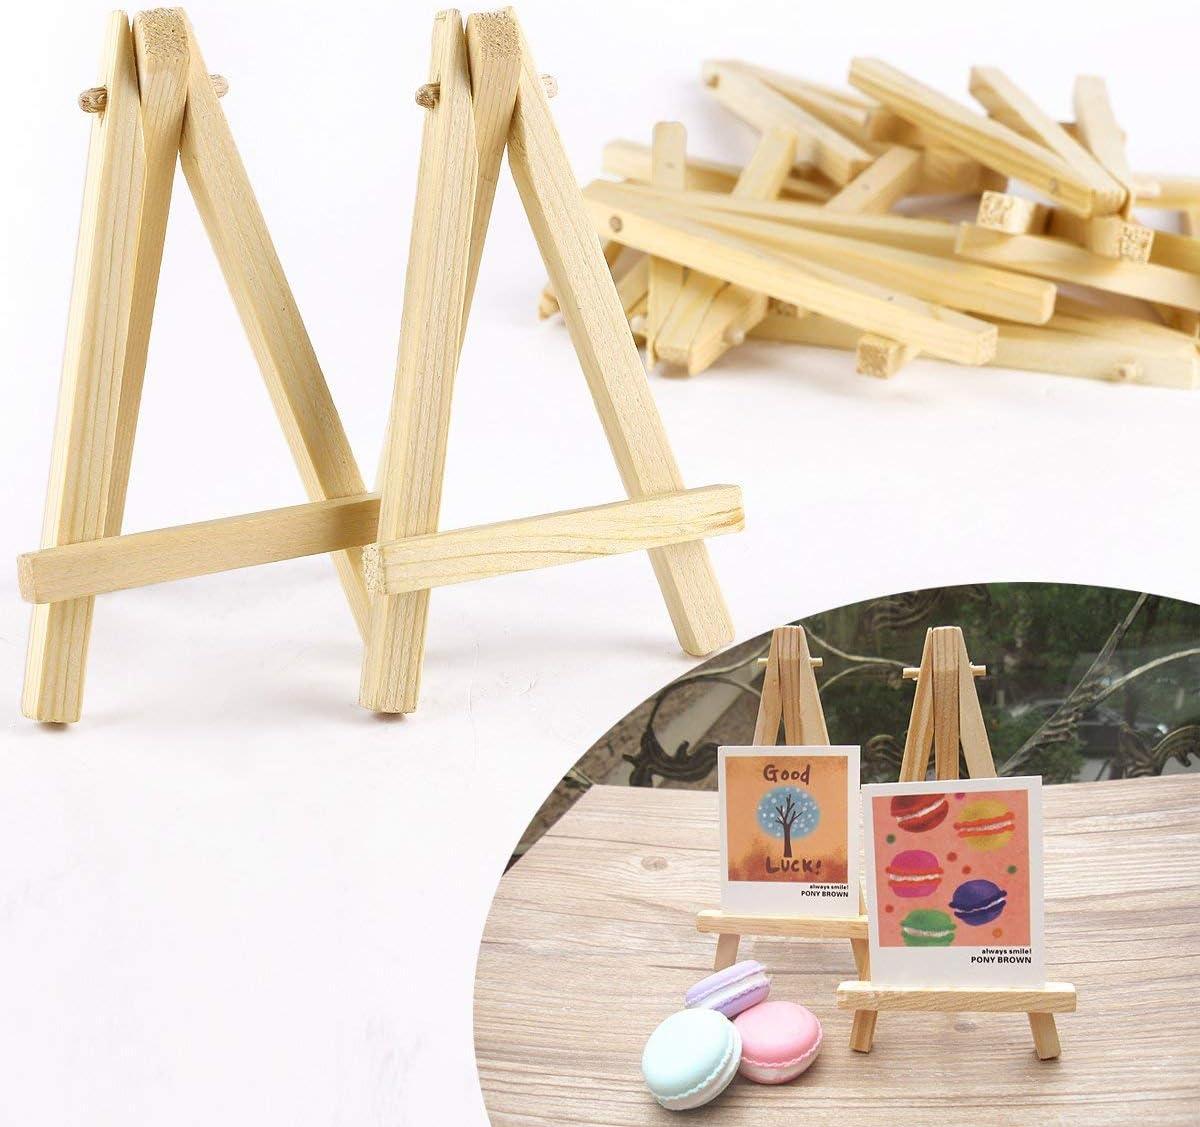 Mini chevalet tr/épied en bois de pin naturel de qualit/é 12 x 7 cm pour exposer des toiles de petite /à moyenne taille.